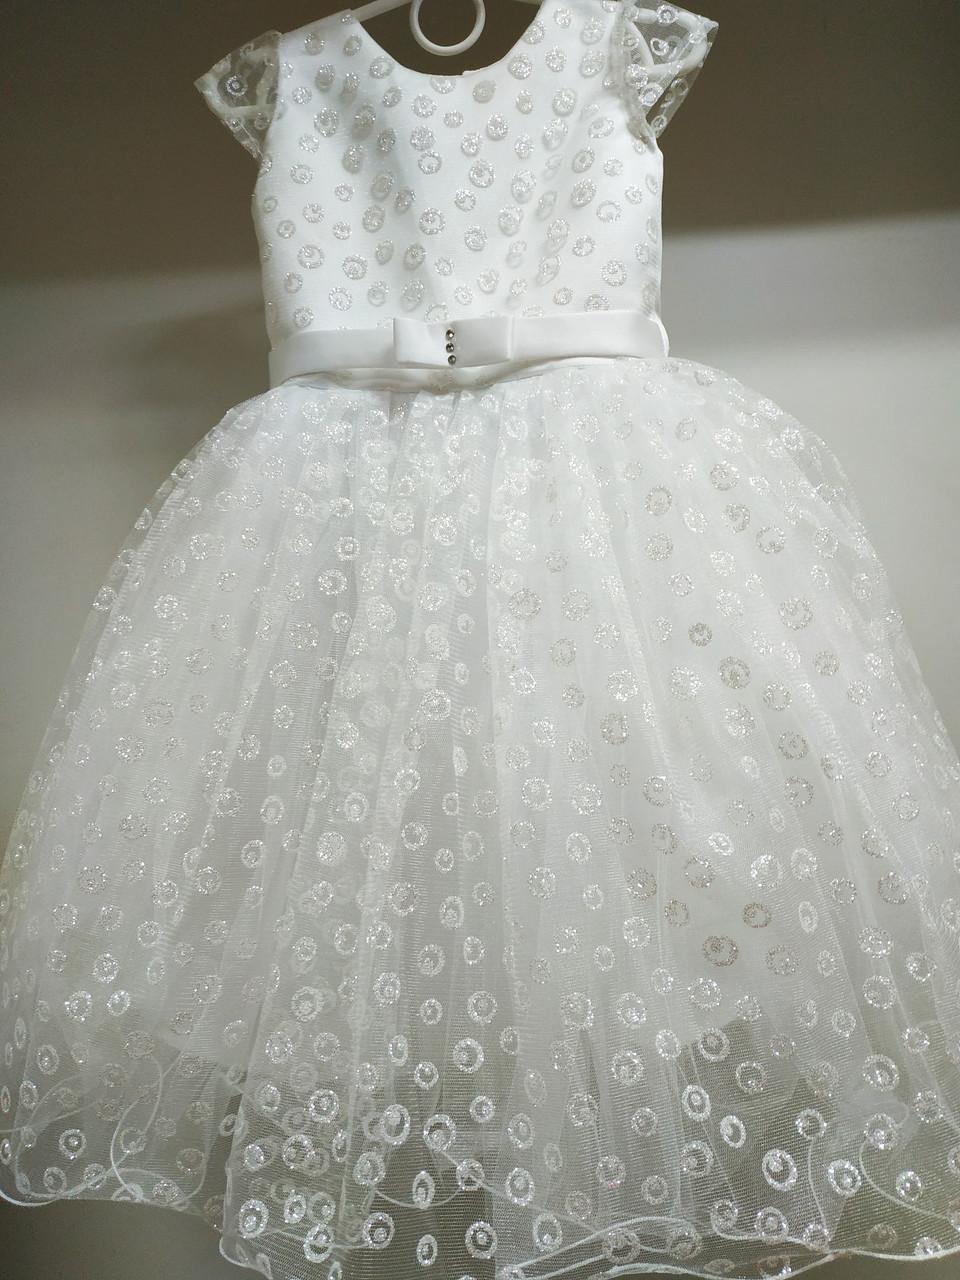 aa64a108556 Детское нарядное бальное платье для праздников и торжеств. Рост 98-104